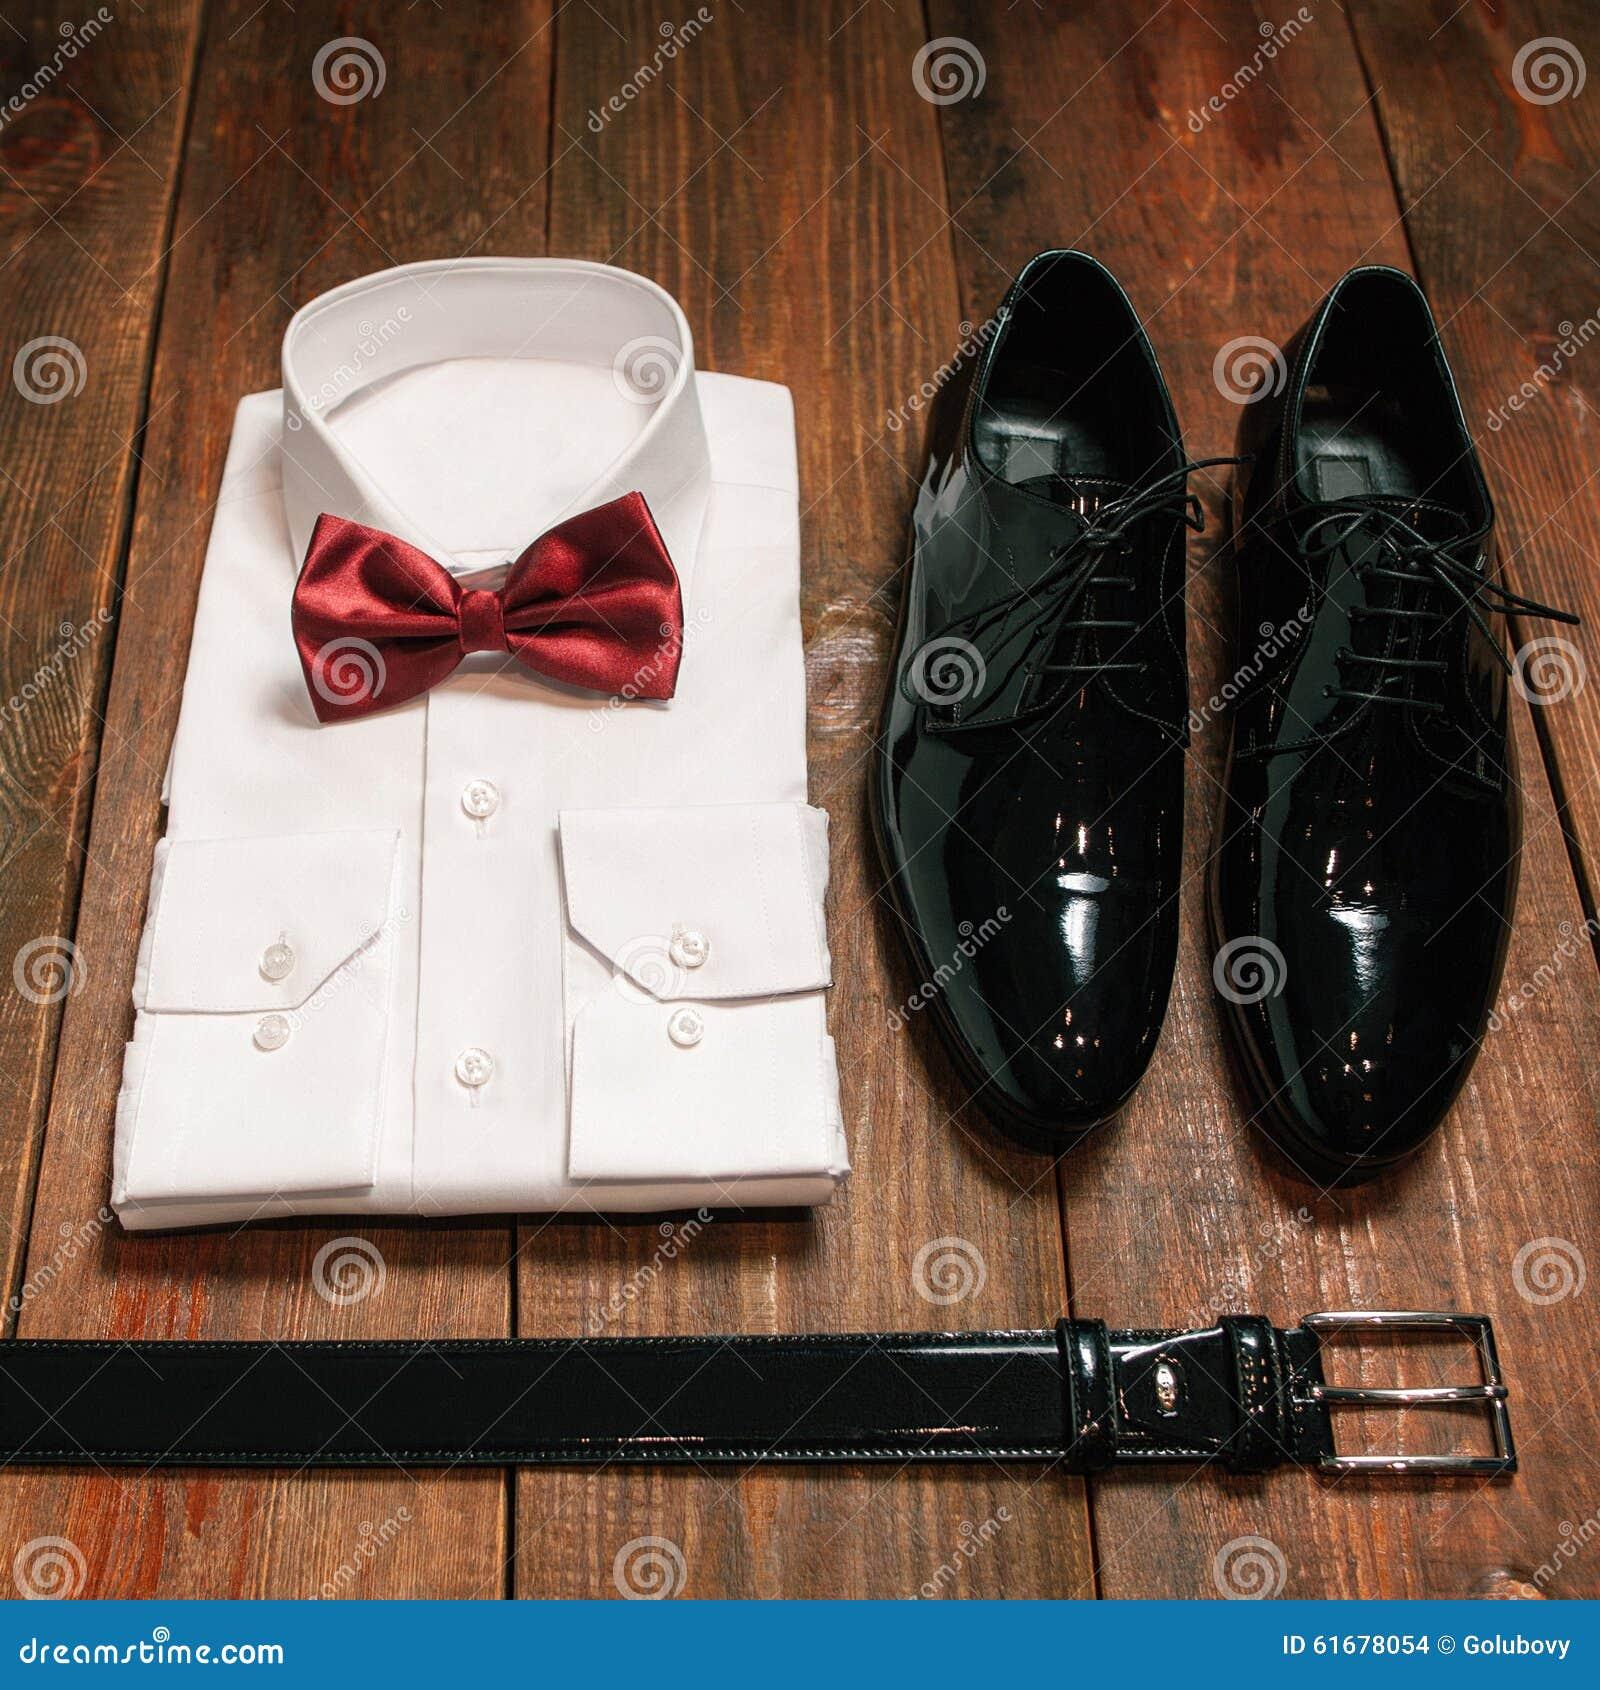 Huwelijksdoek voor de bruidegom wordt geplaatst die